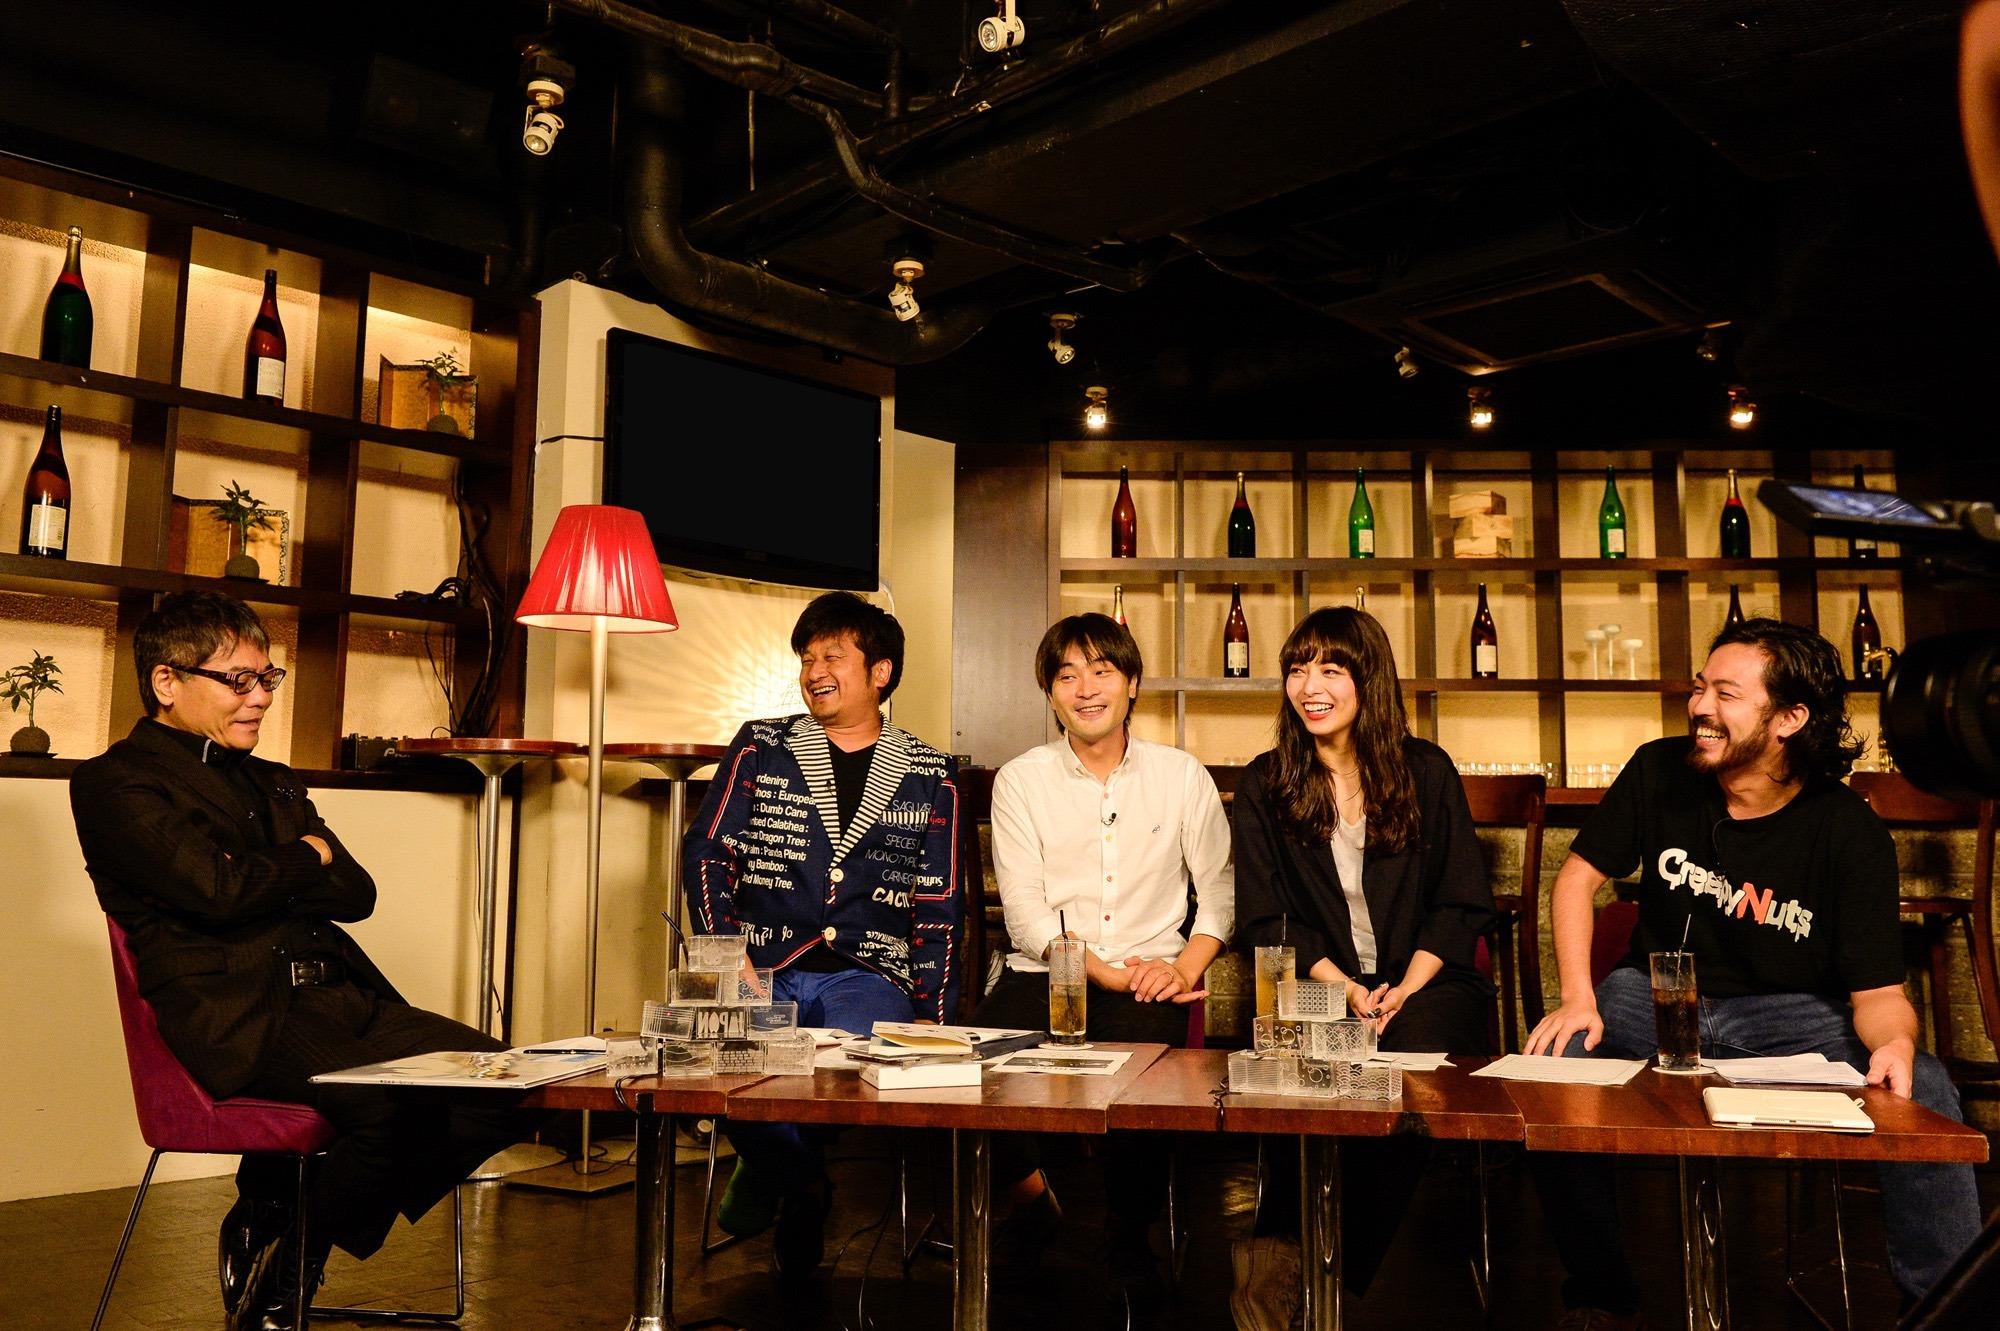 討論会『がらくたの夜会』(撮影:岸田哲平)